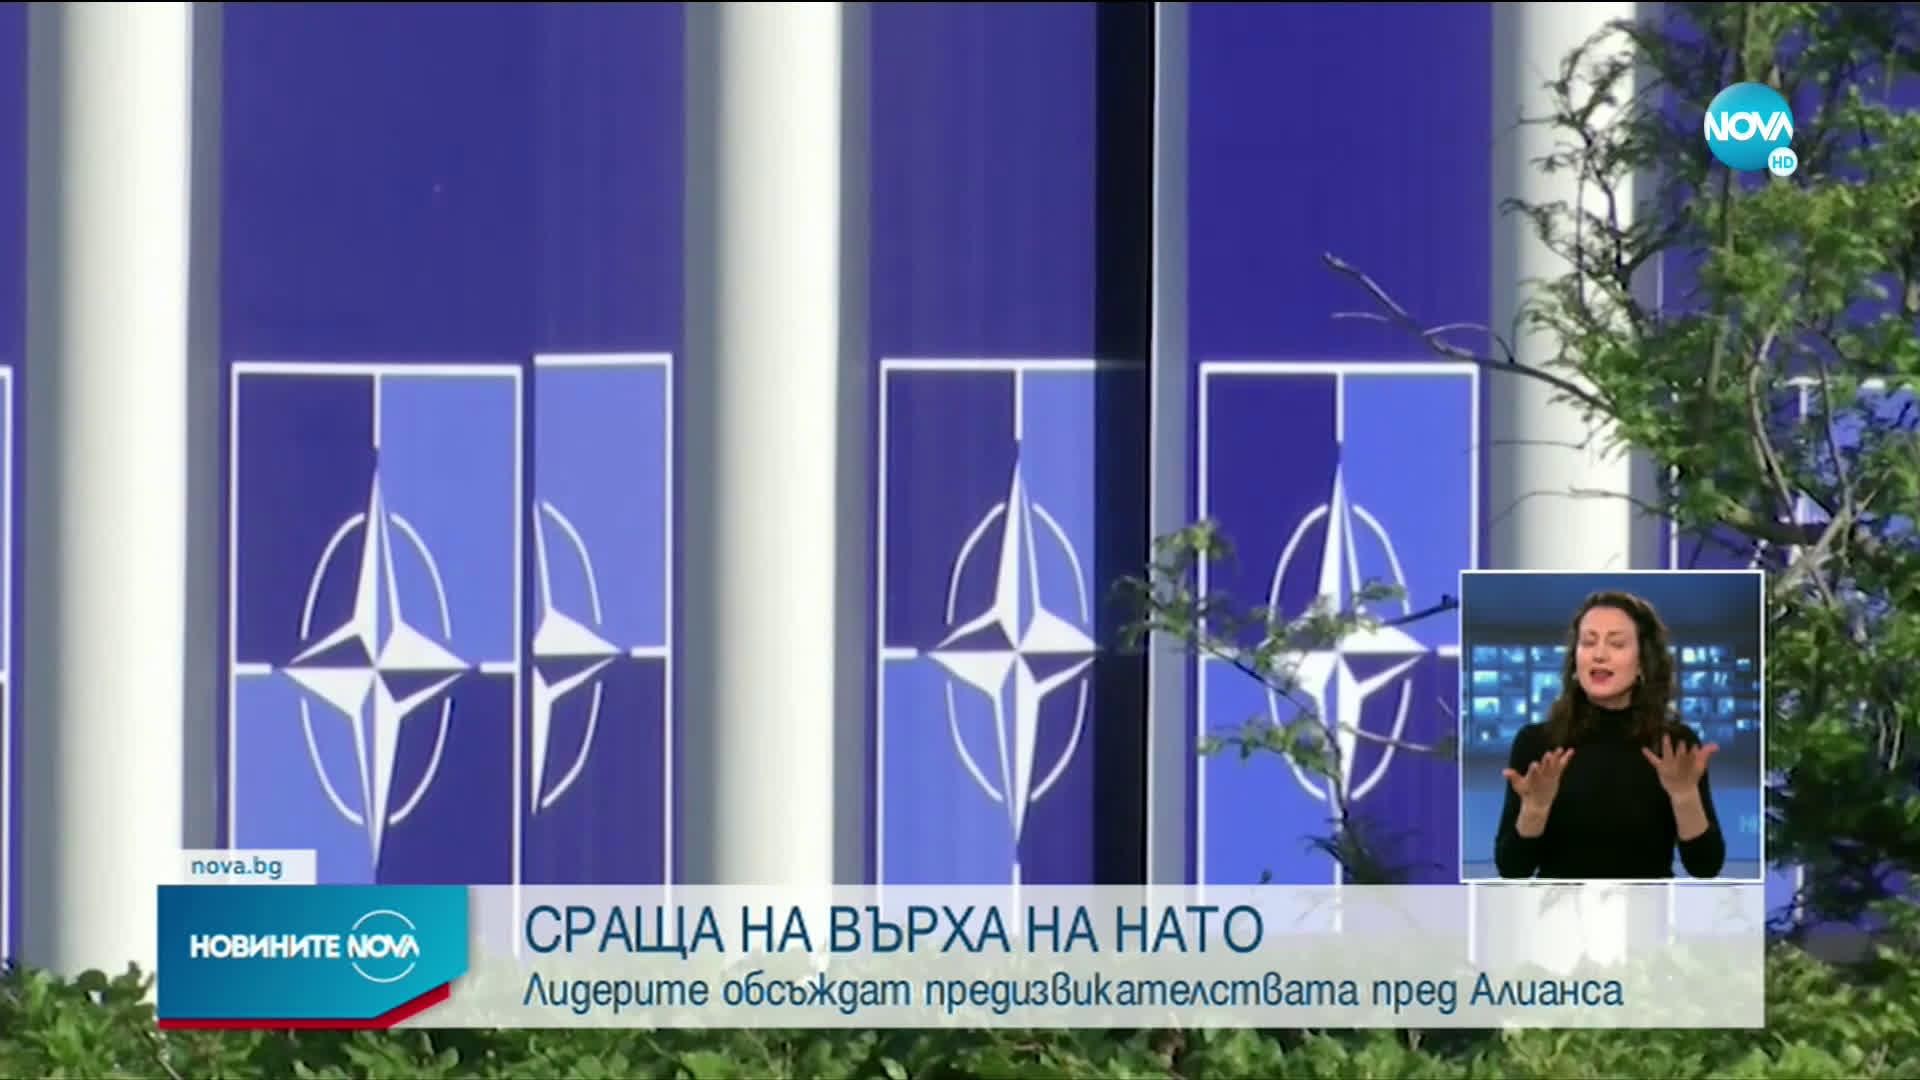 Новините на NOVA (14.06.2021 - лятна късна емисия)